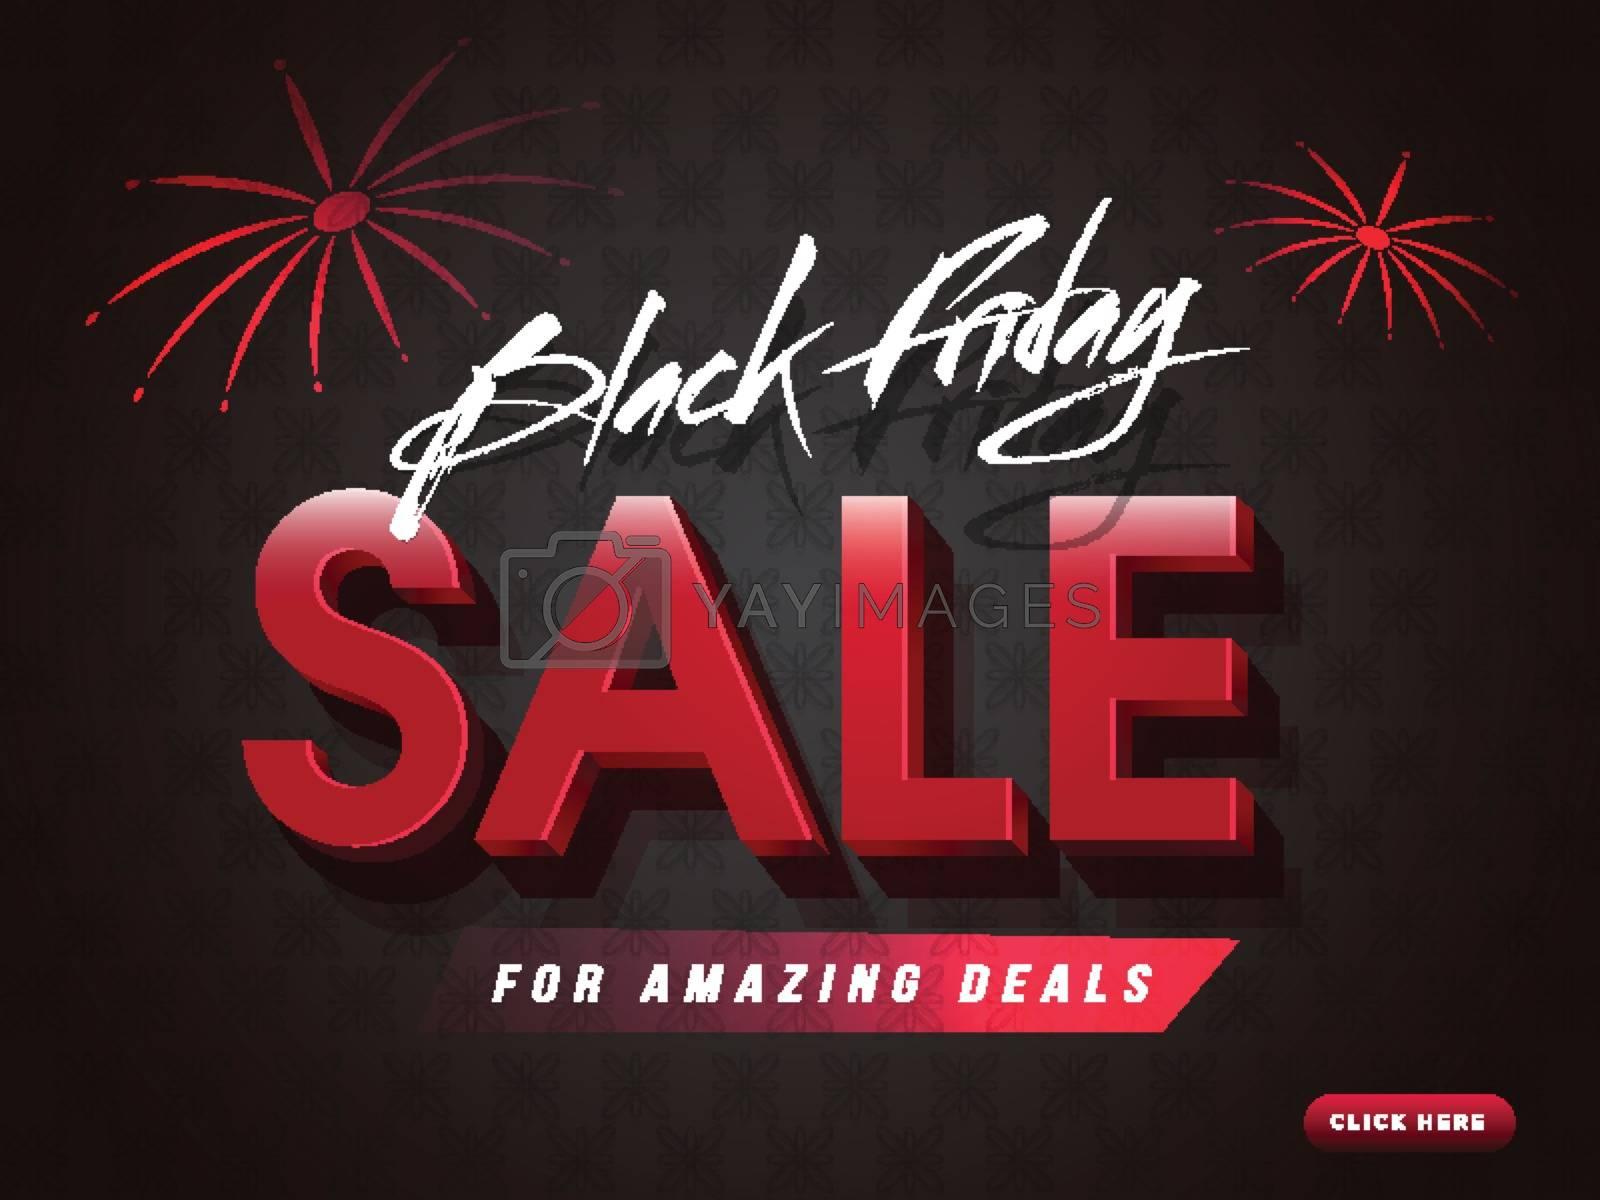 Amazing deals for Black Friday Sale. Website poster or banner design.